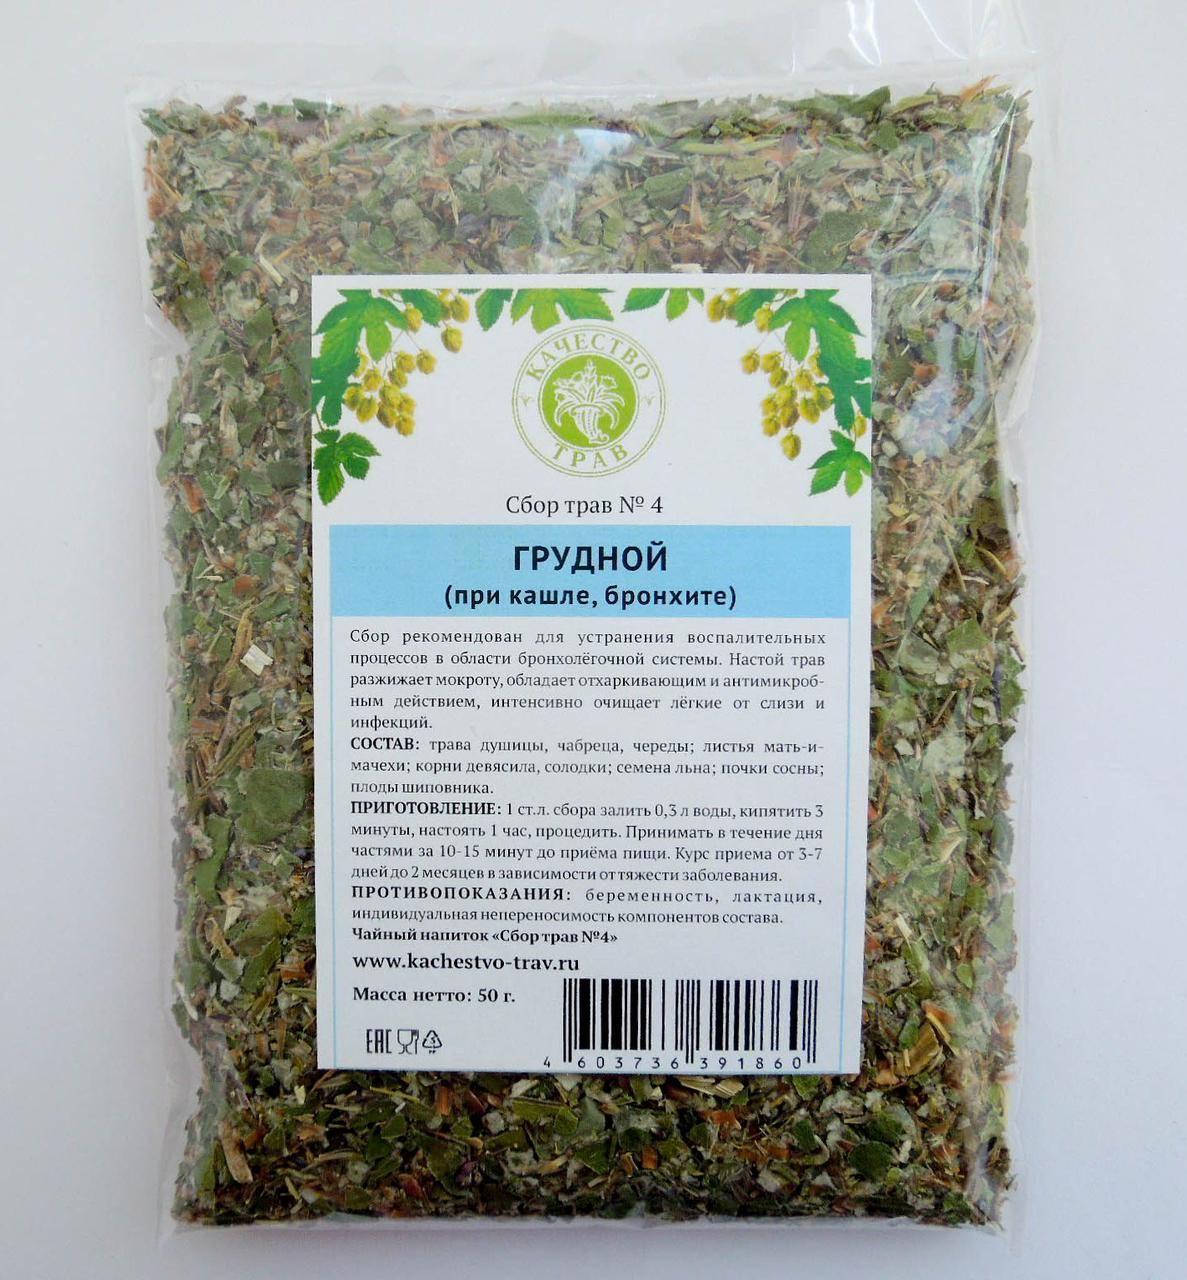 Чай на основе травяных сборов: топ-20 лучших рецептов